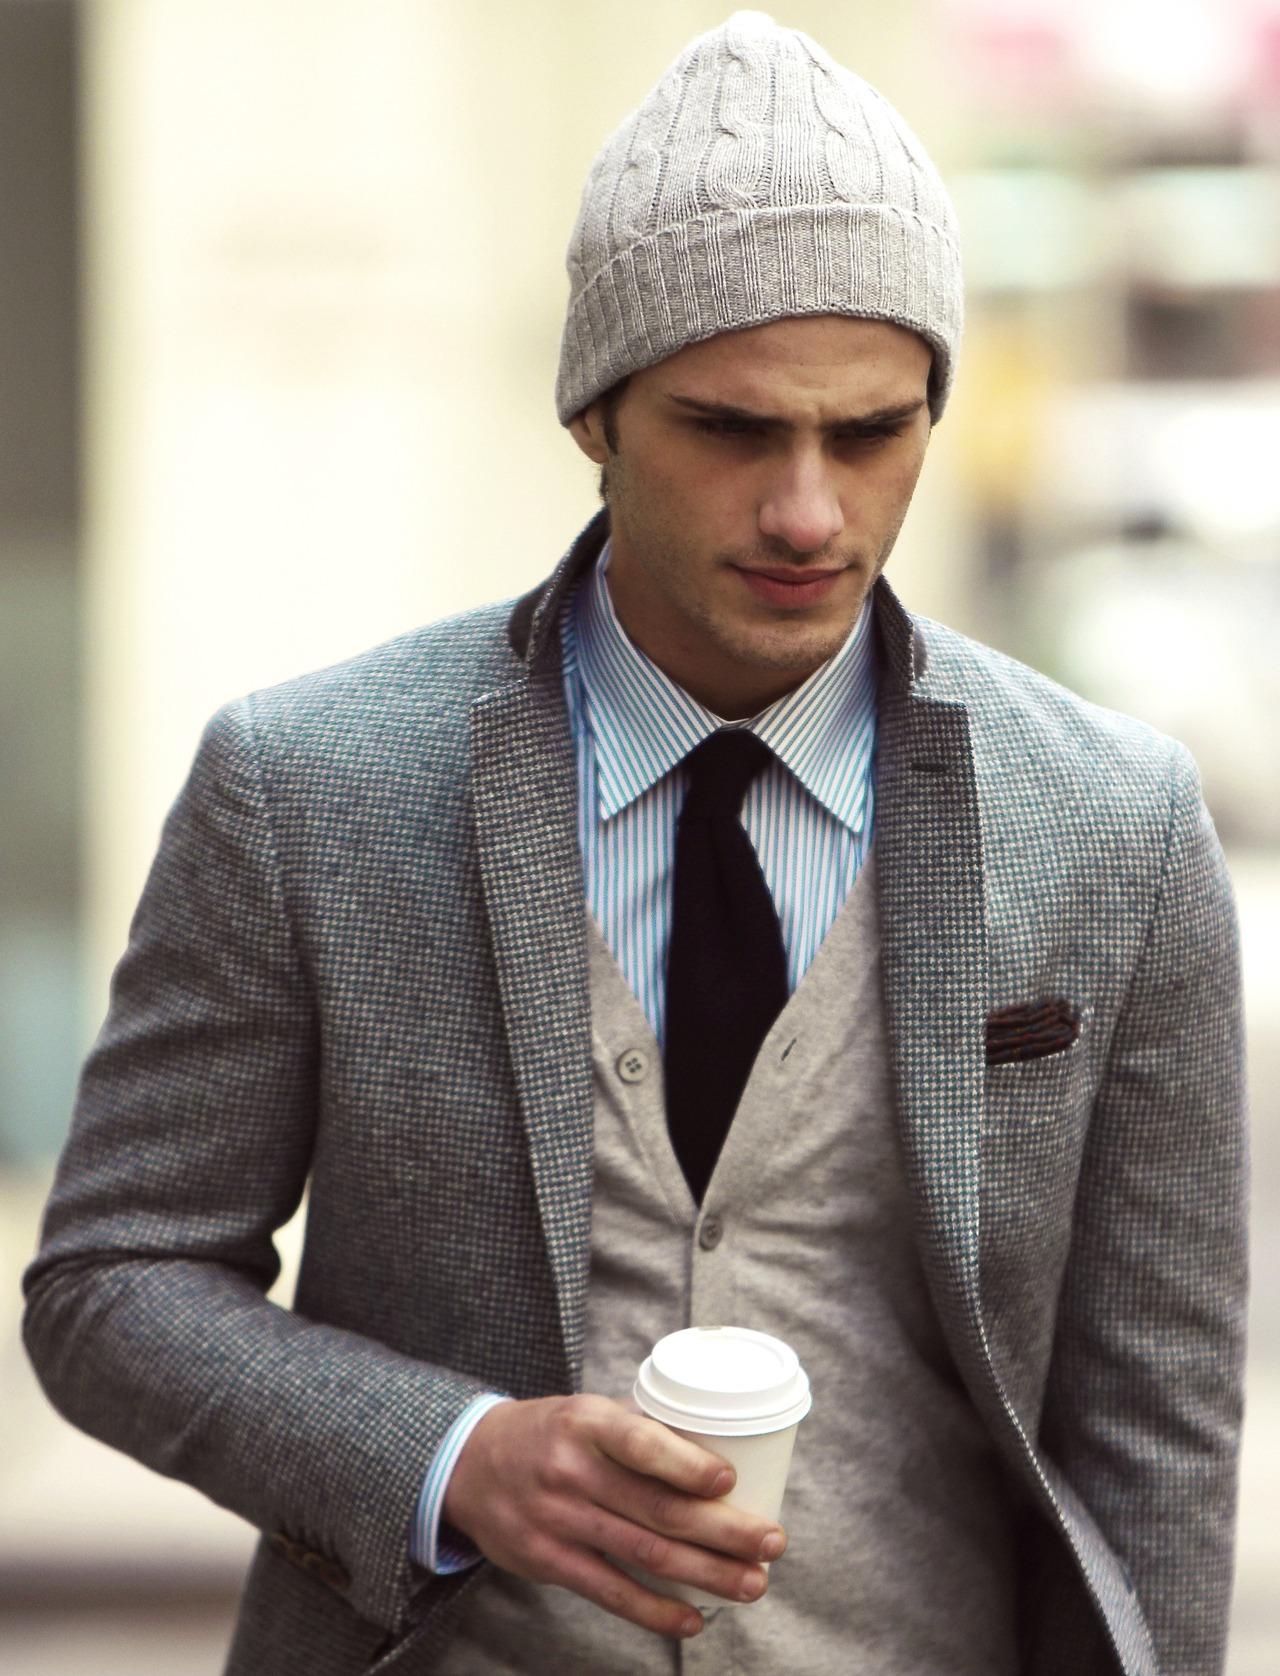 82d239f6b27b5 En el caso de querer utilizar los gorros de lana con prendas más de vestir